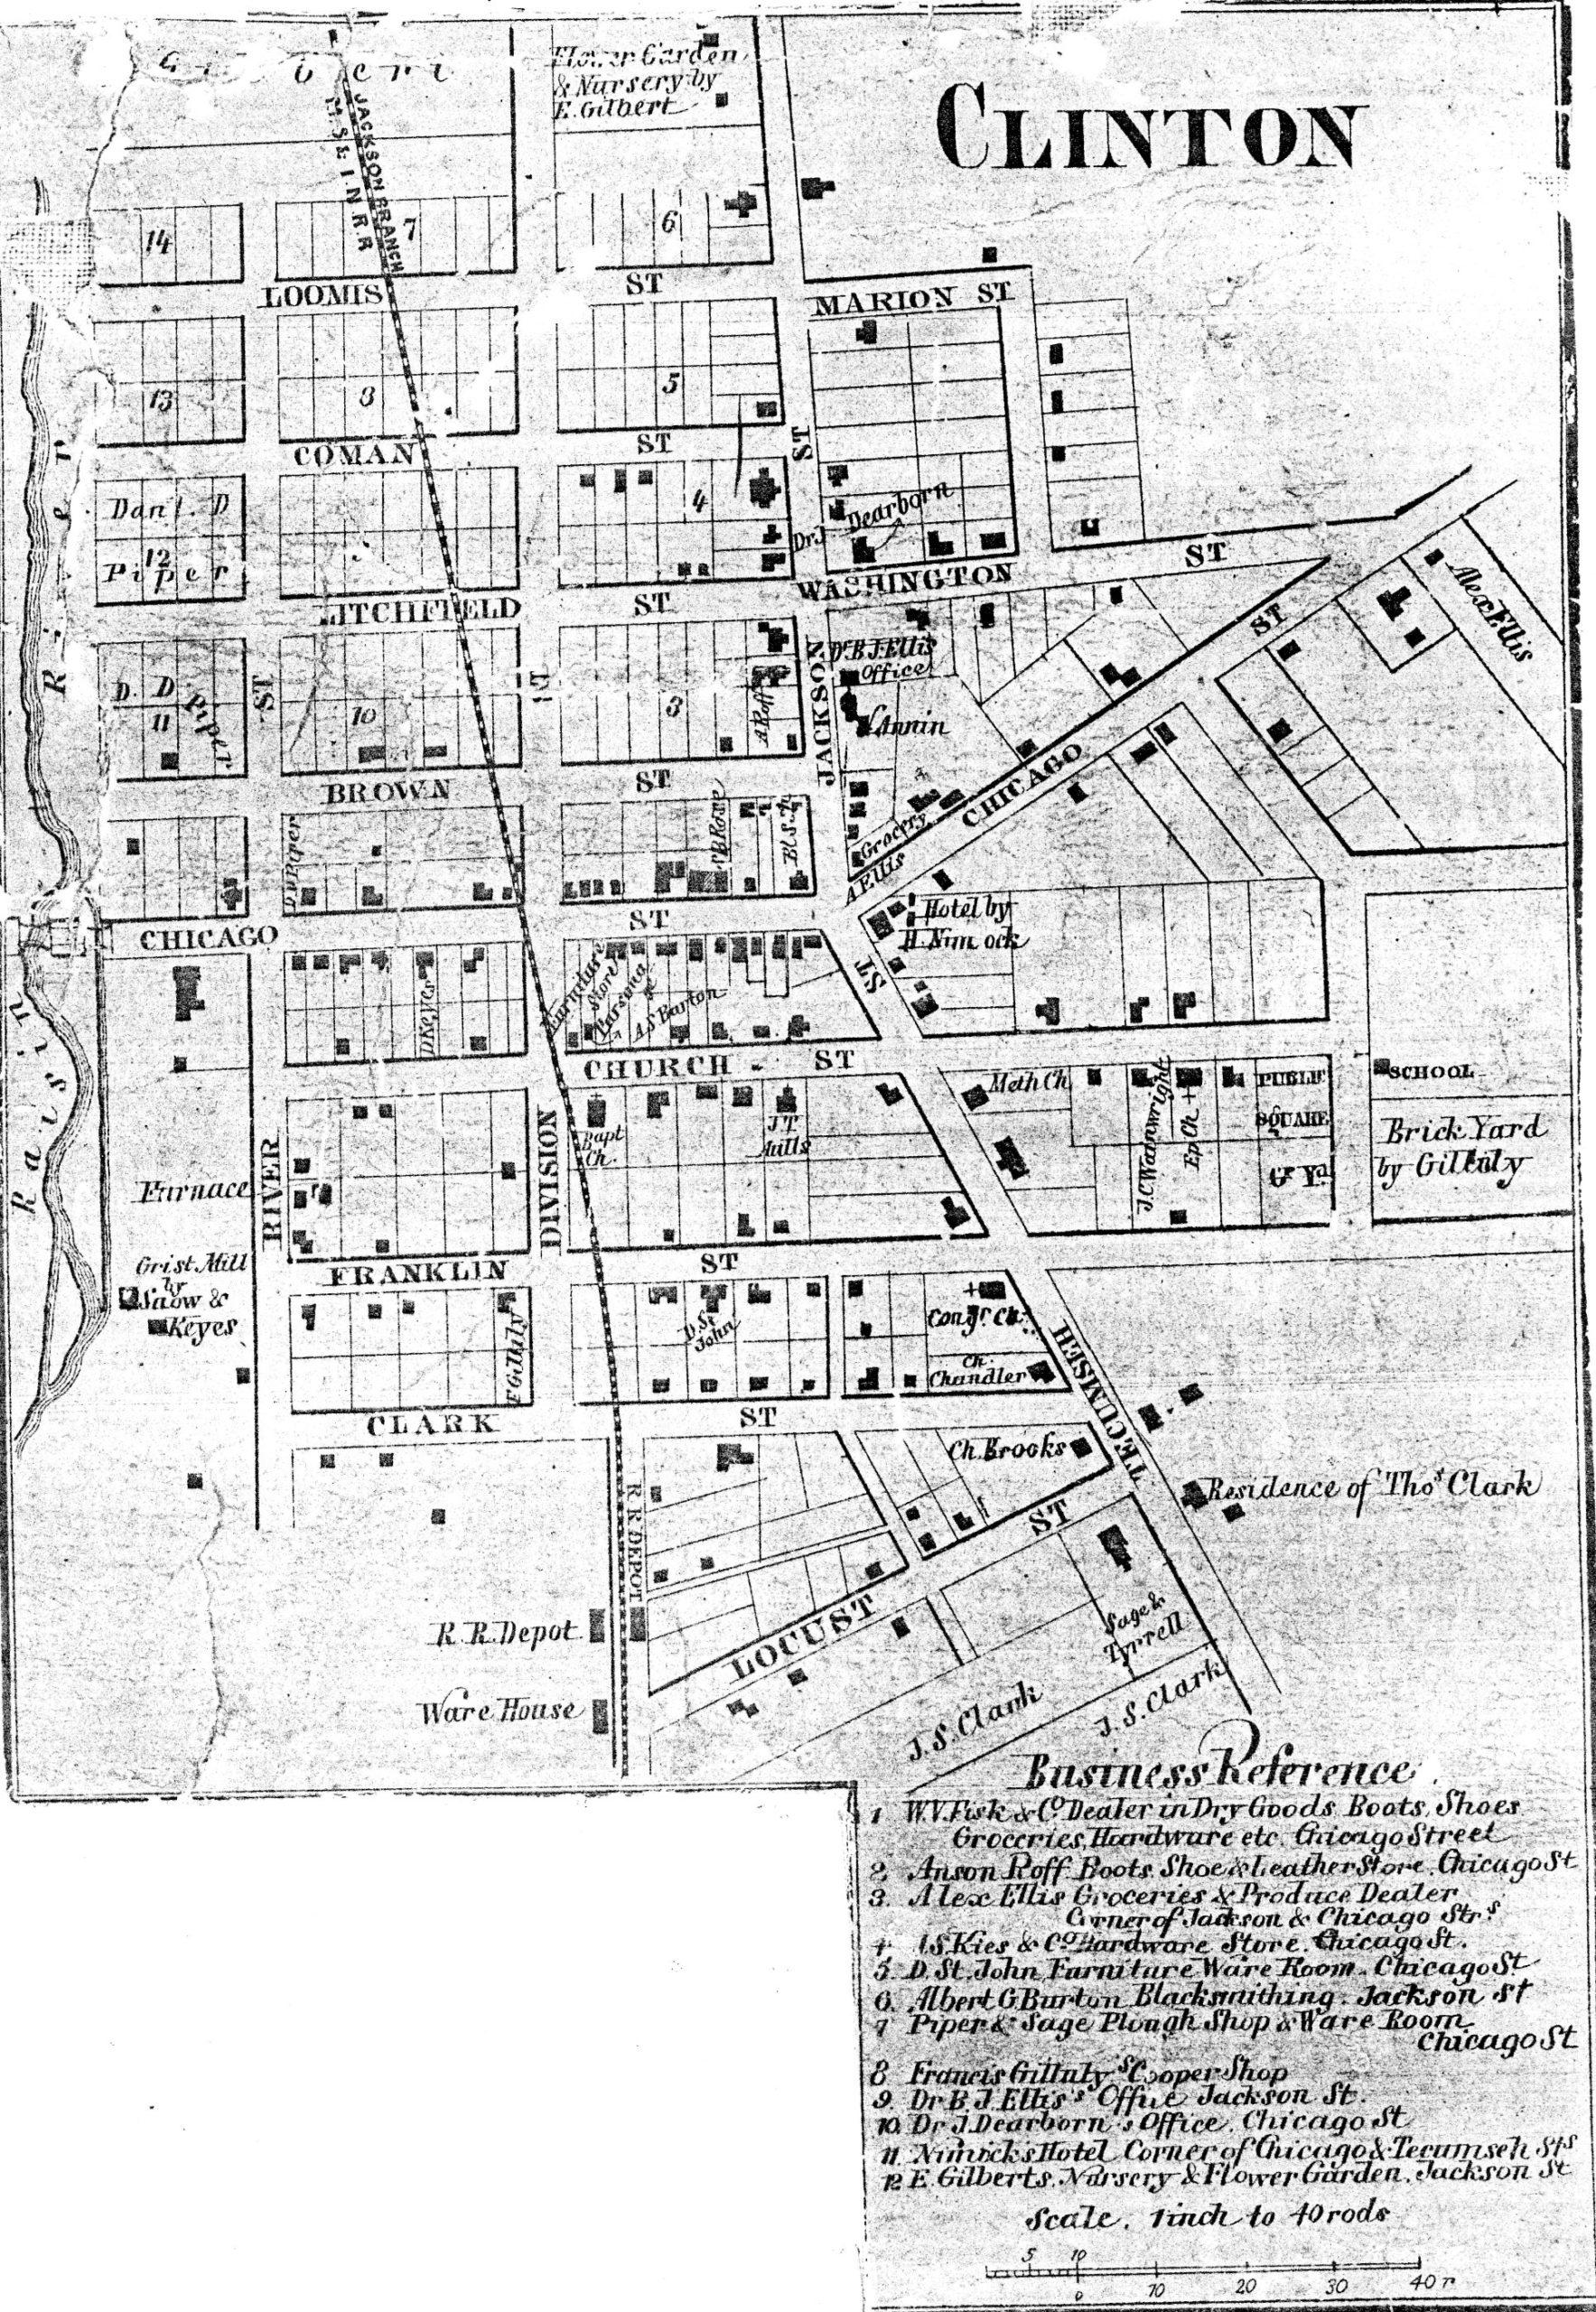 Clinton. 1857 Map